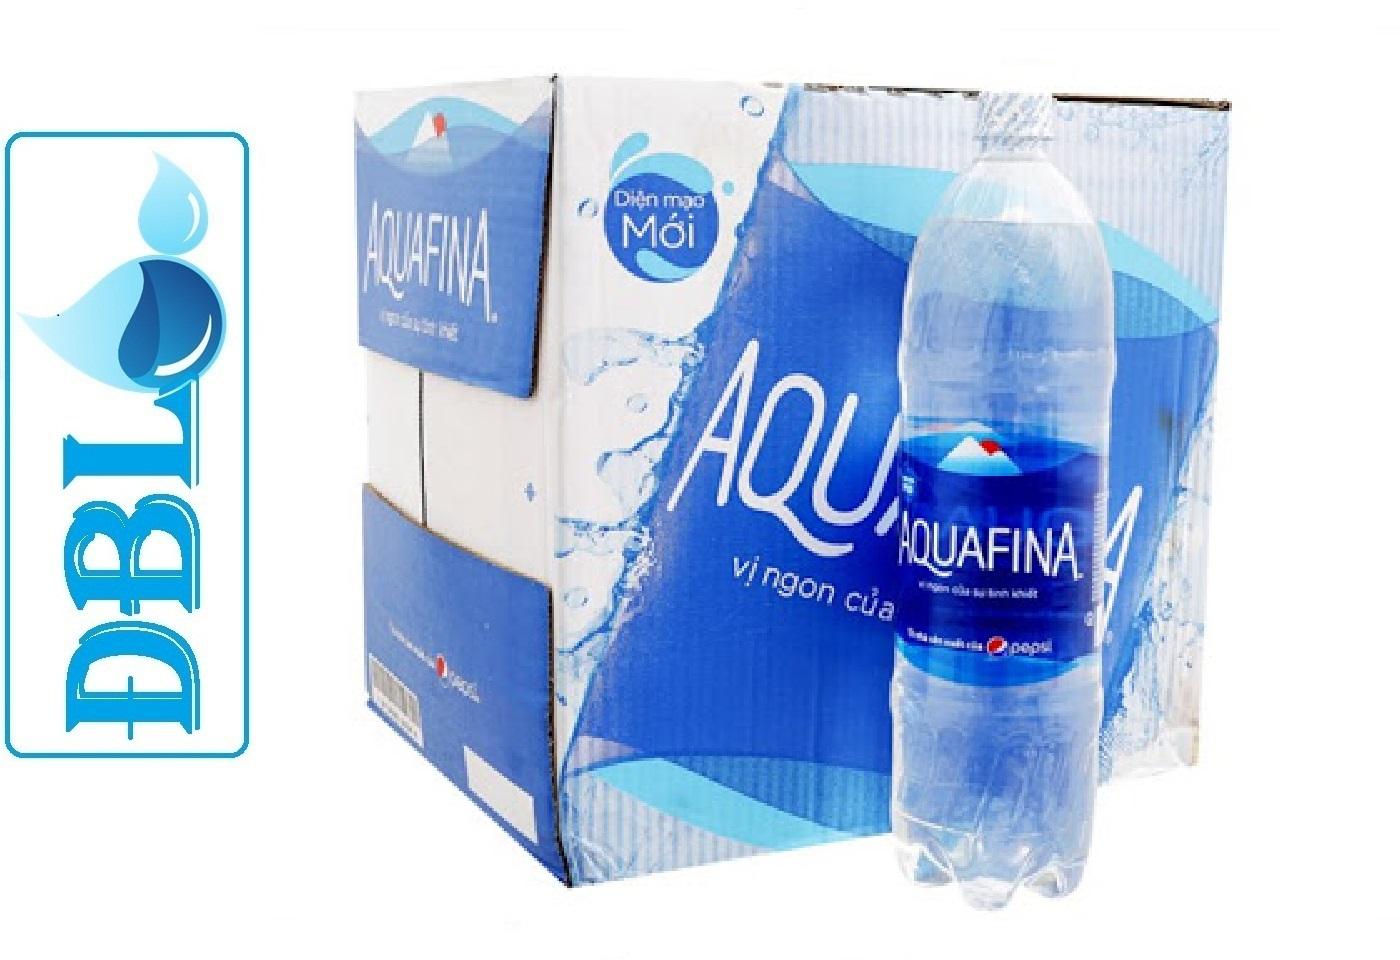 aquafina 1500ml